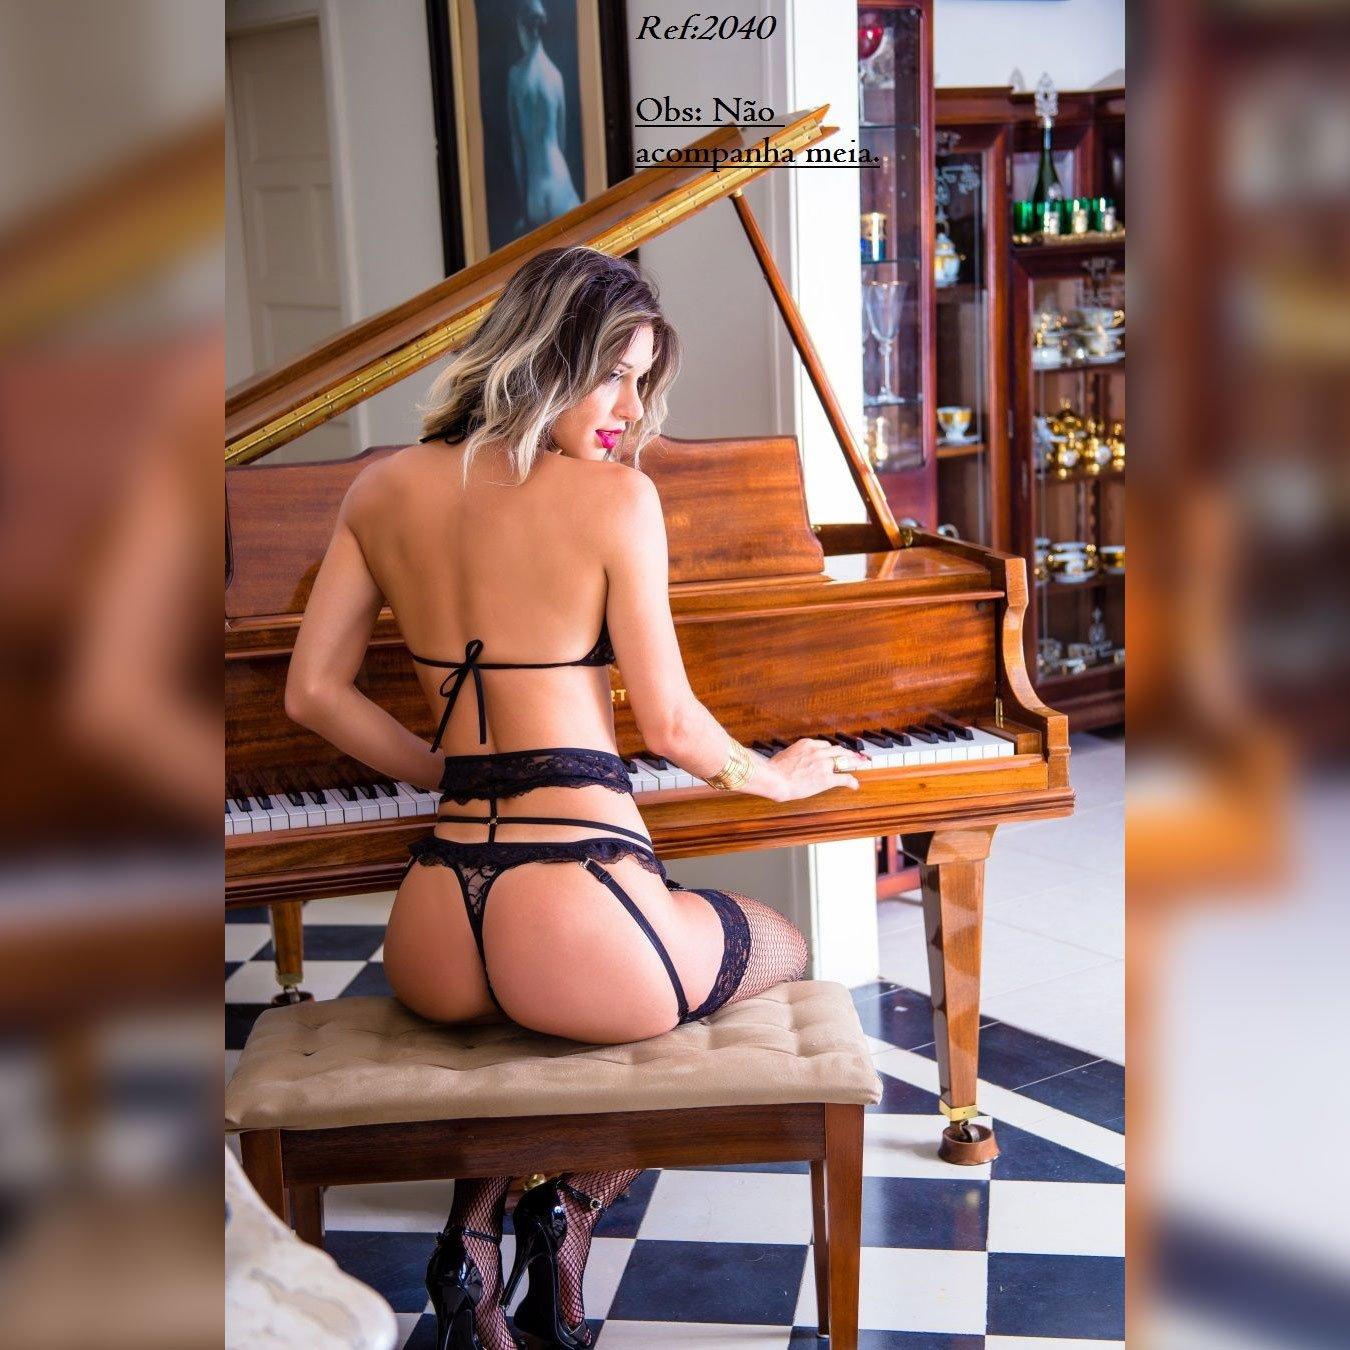 Conjunto Fantasia de luxo Deusa da Noite com Cinta Liga  - Sex Shop Cuiaba - Sexshop - Sexyshop - Produtos Eróticos